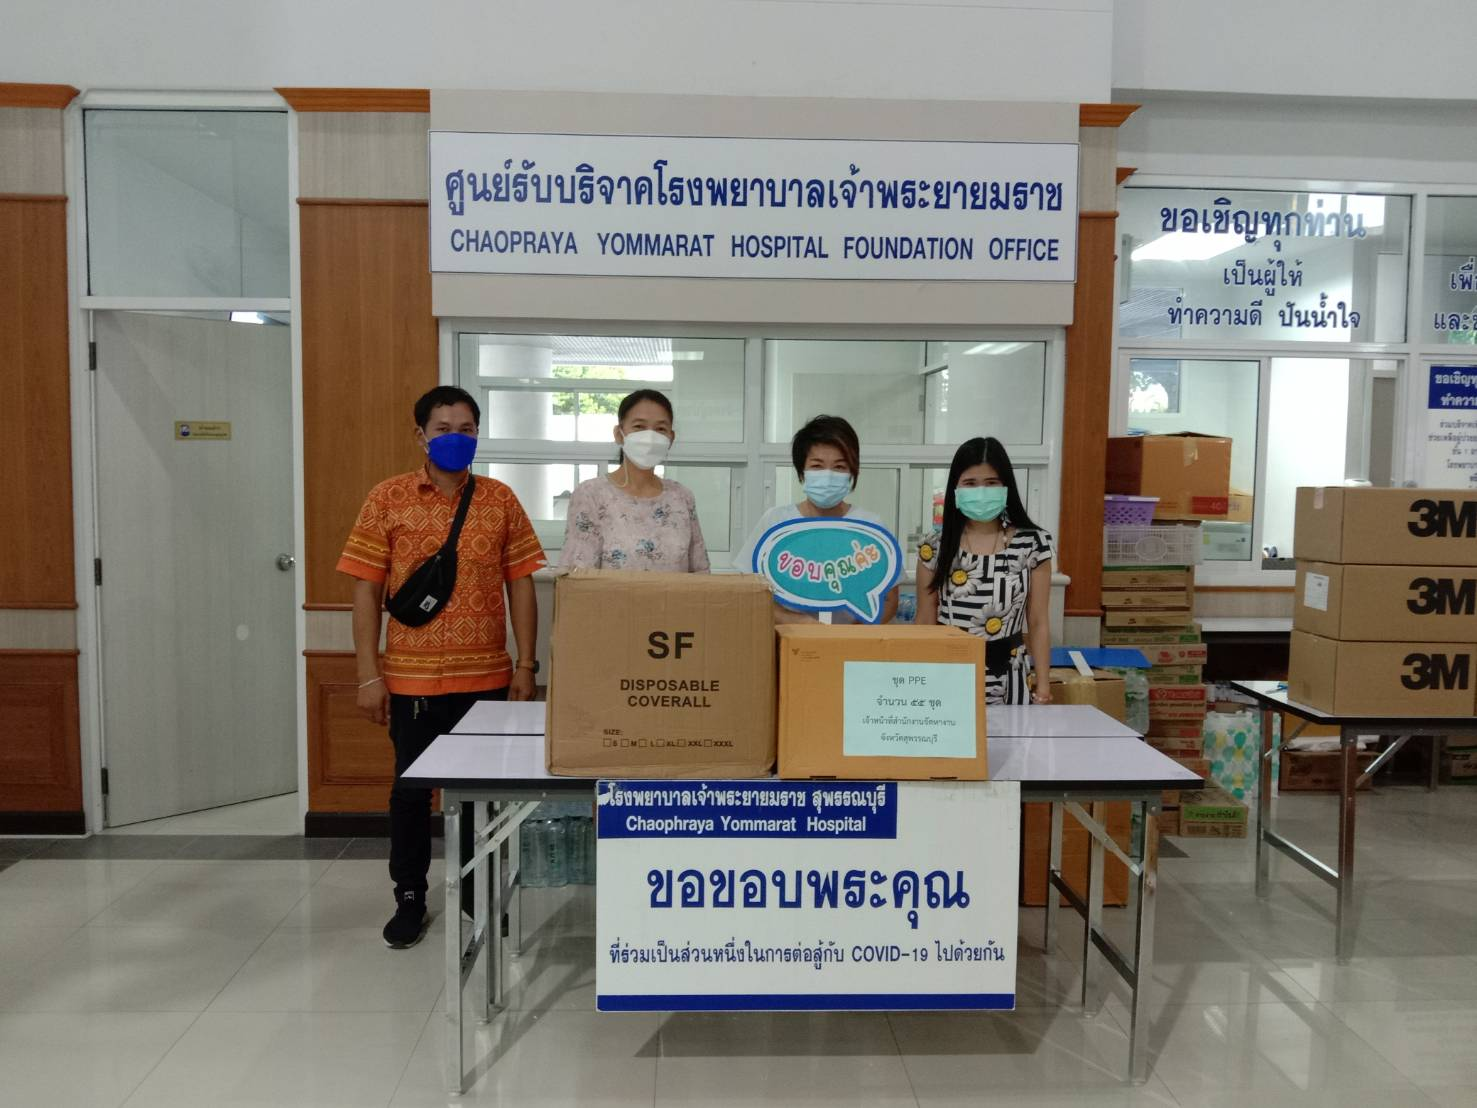 ส่งมอบชุด PPE จำนวน 55 ชุด ณ ศูนย์รับบริจาคโรงพยาบาลเจ้าพระยายมราช อ.เมืองสุพรรณบุรี จ.สุพรรณบุรี